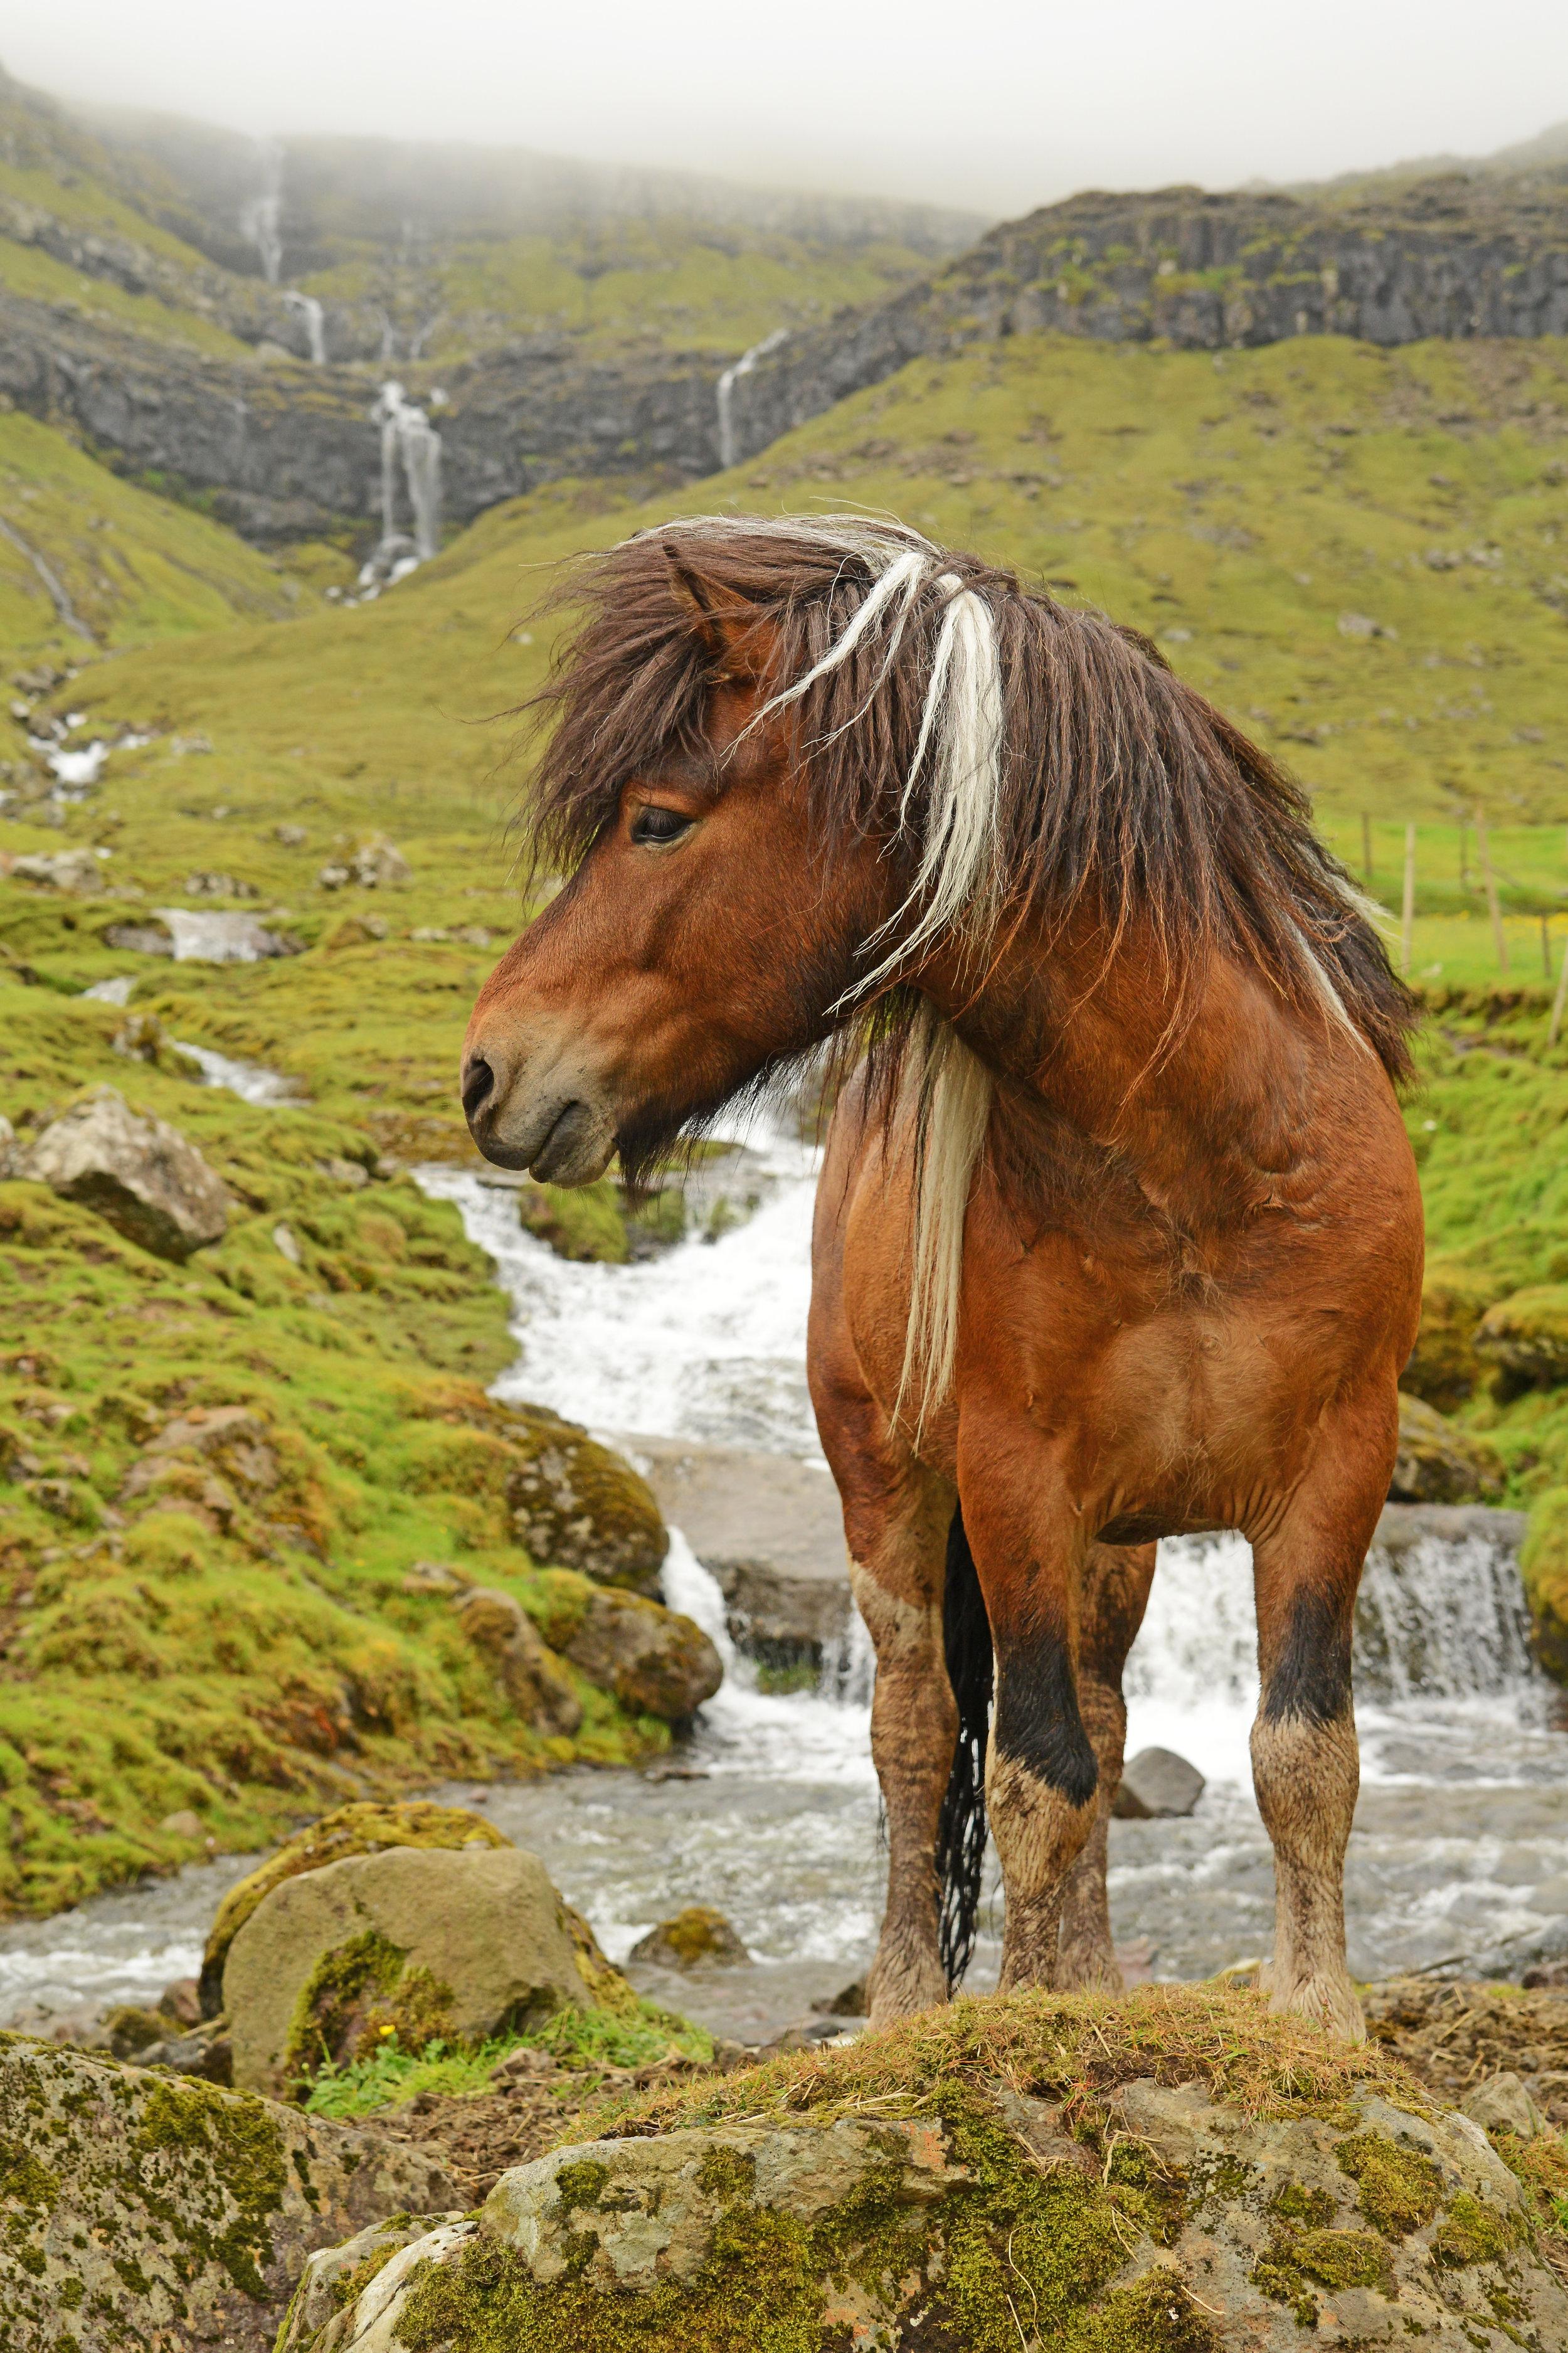 DSC_0691 Meldur, Faroess Stallion. Signabø, Signabøur, Streymoy, FI. 6-2018. altered .jpg